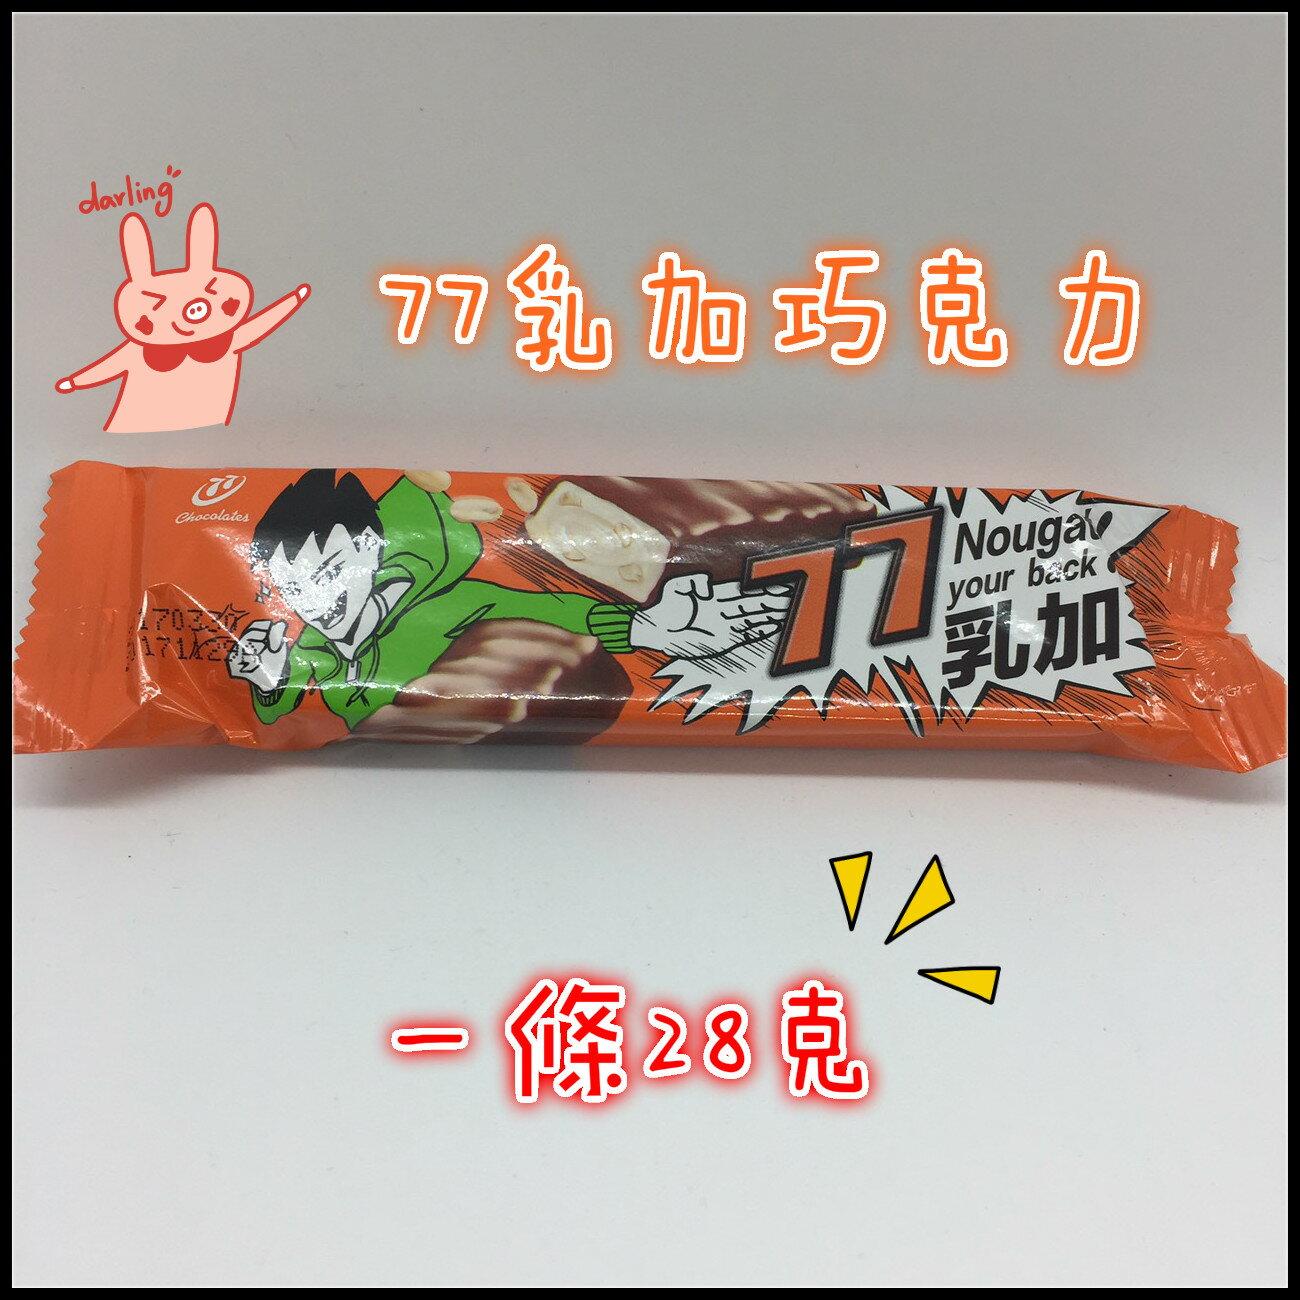 77乳加巧克力 一條28克 零食 點心 餅乾 糖果 巧克力